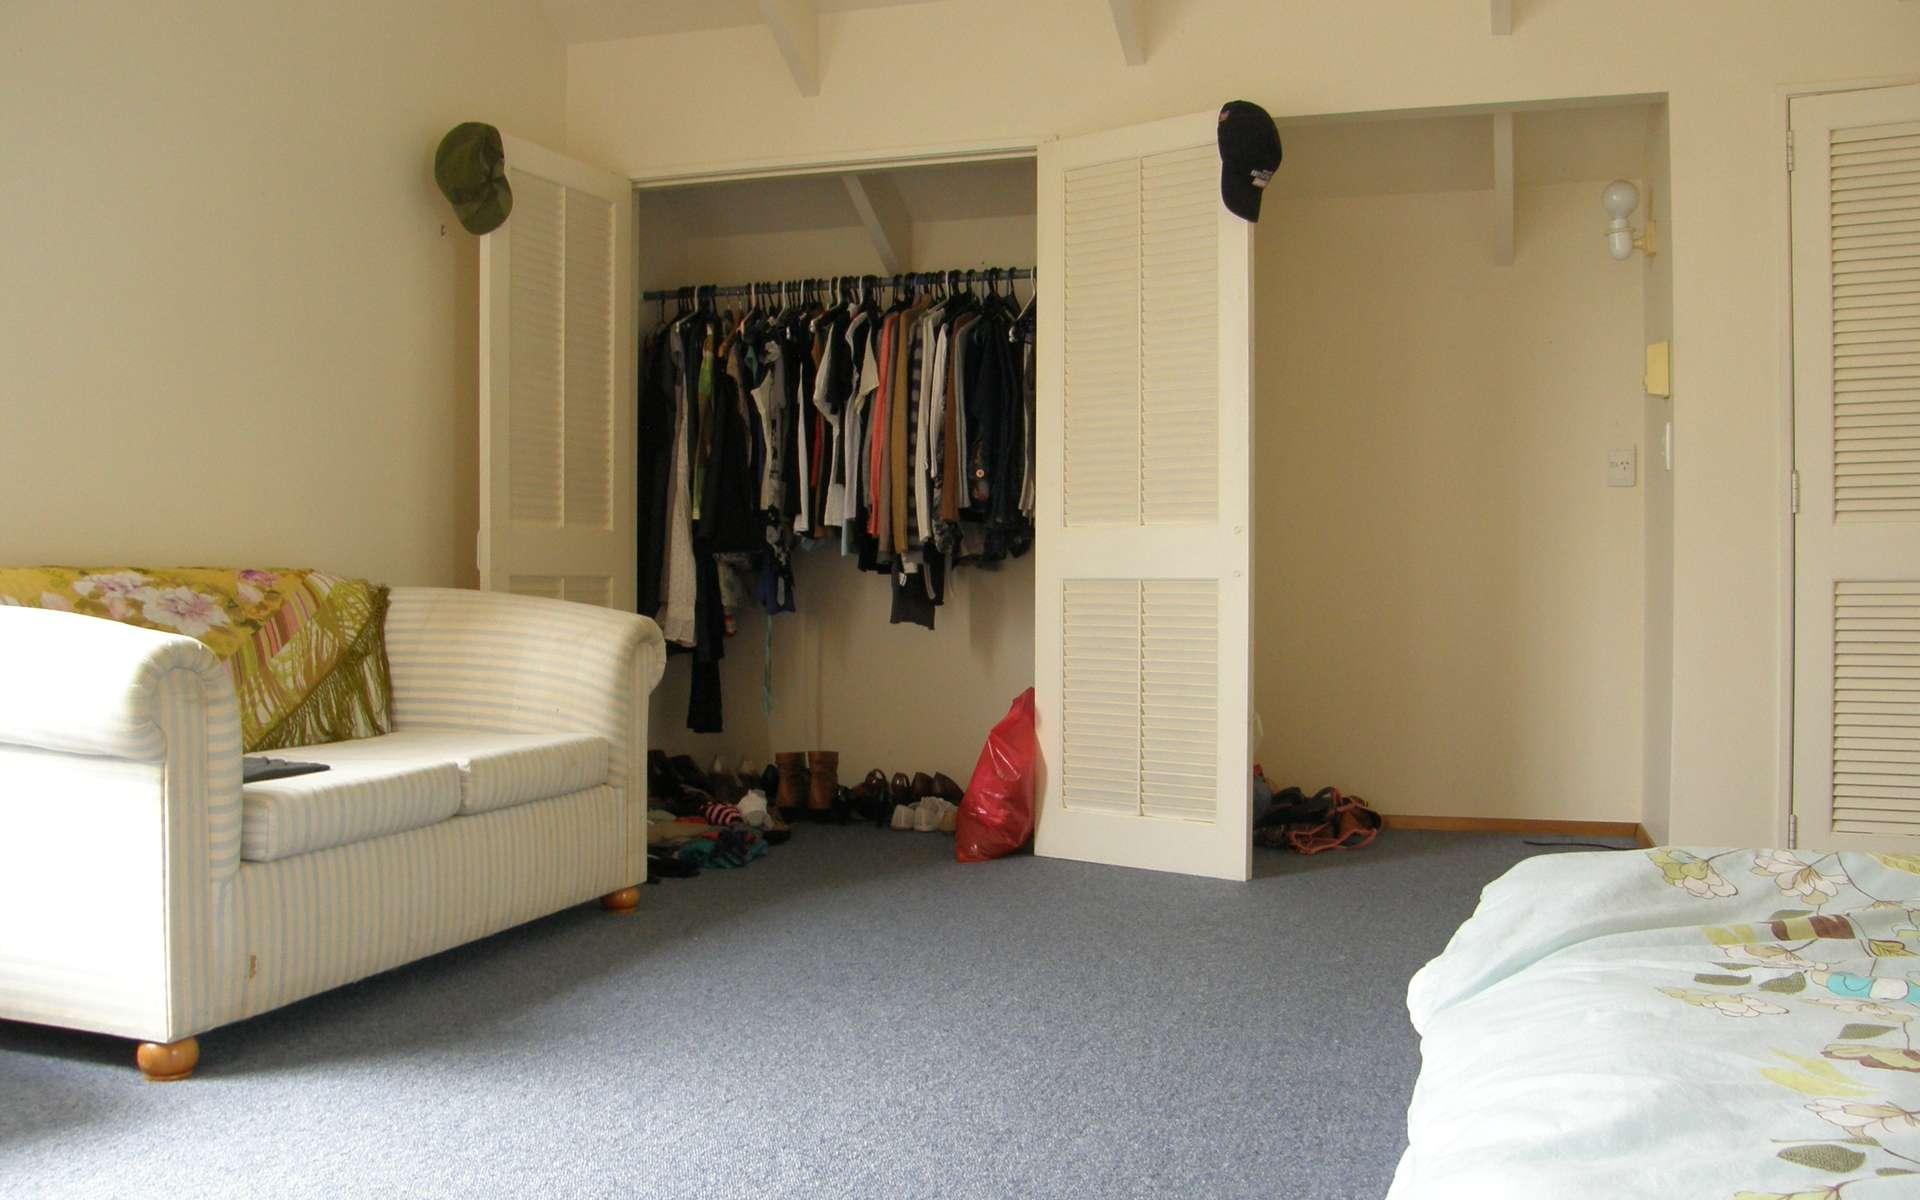 Un dressing dans les combles permet de valoriser un espace souvent perdu. © amysphere, Flickr, CC BY 2.0